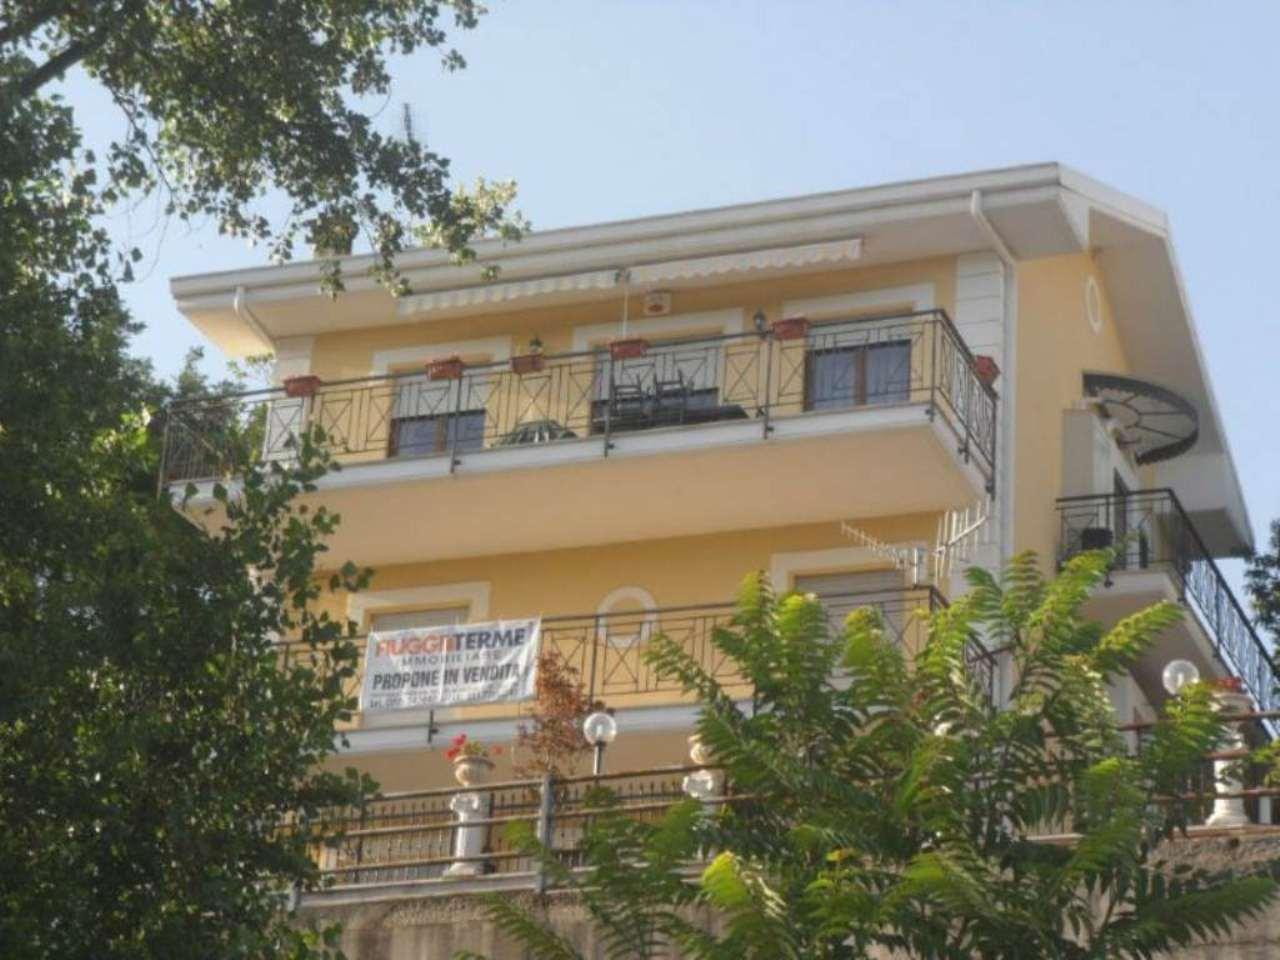 Appartamento in vendita a Fiuggi, 3 locali, prezzo € 115.000 | Cambio Casa.it